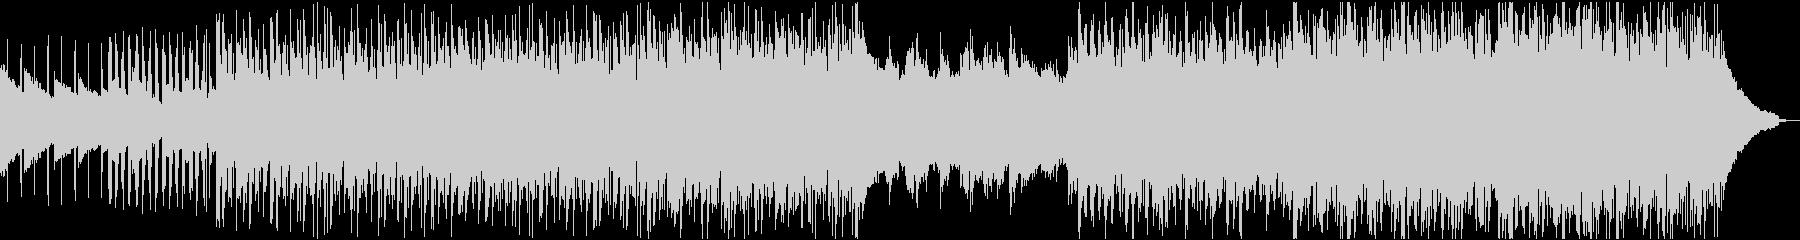 光プレミアム高級背景の未再生の波形